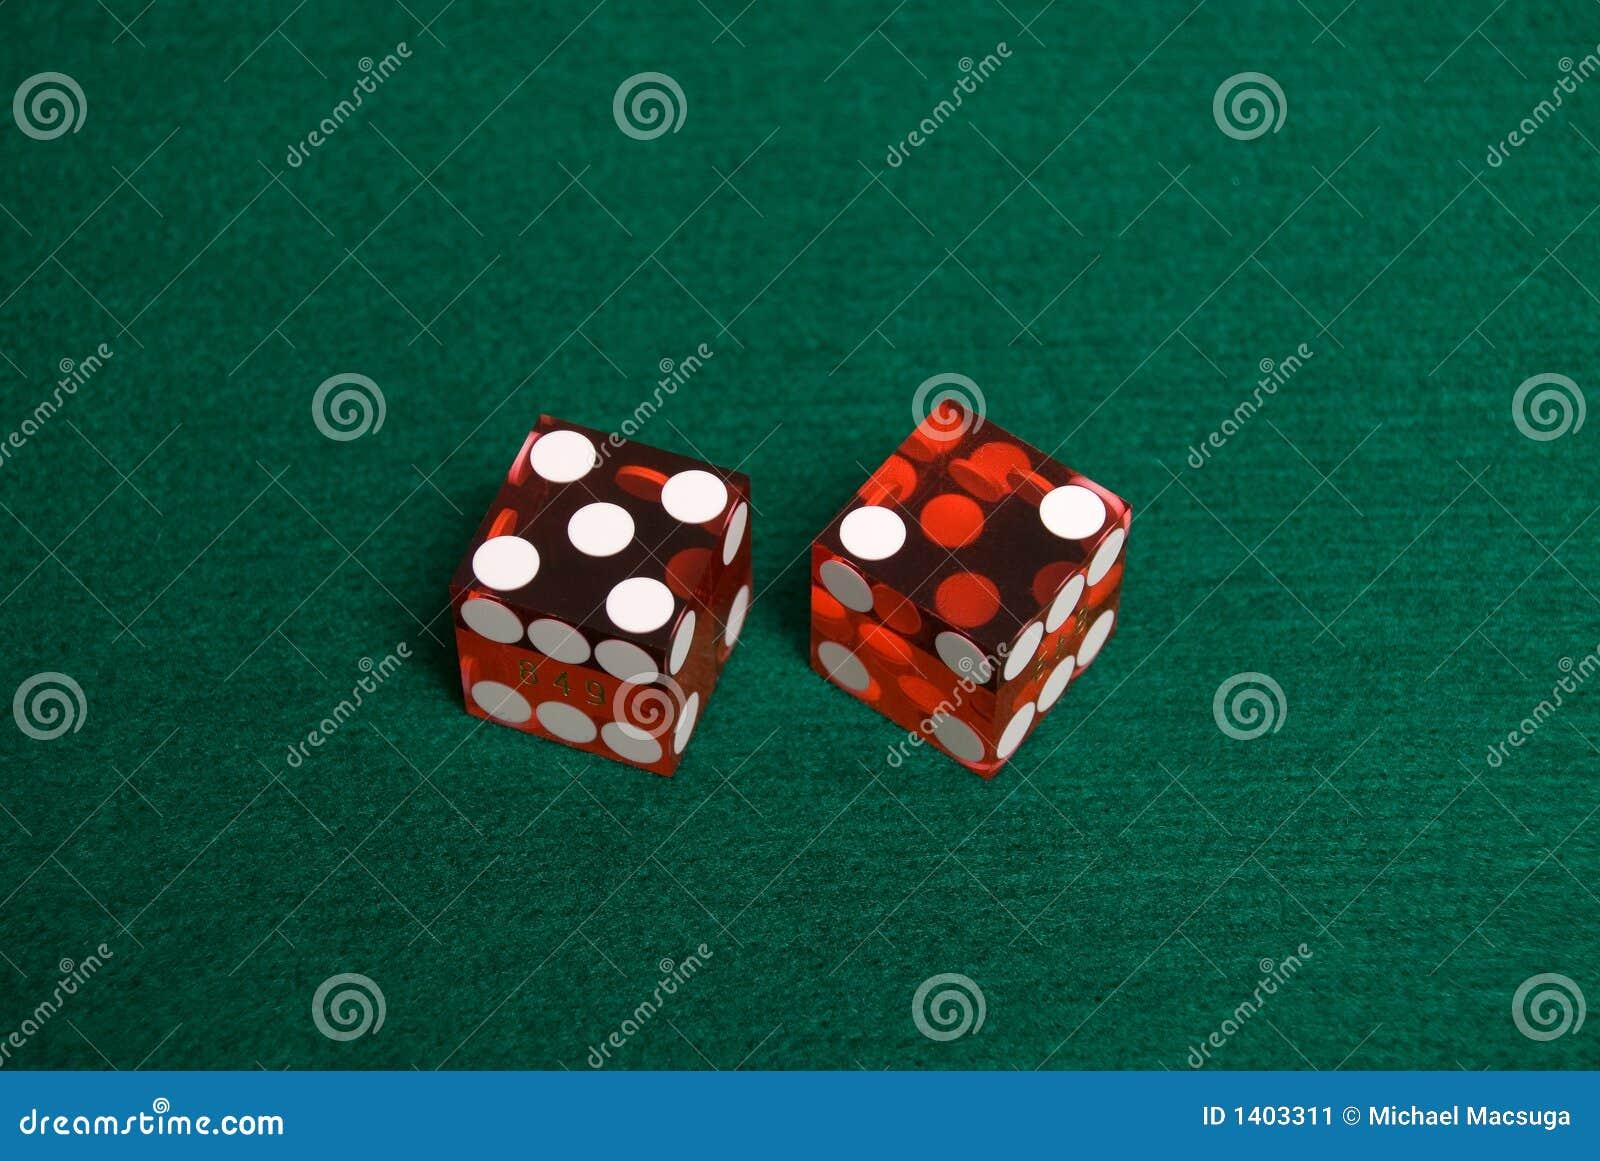 Matrices de casino